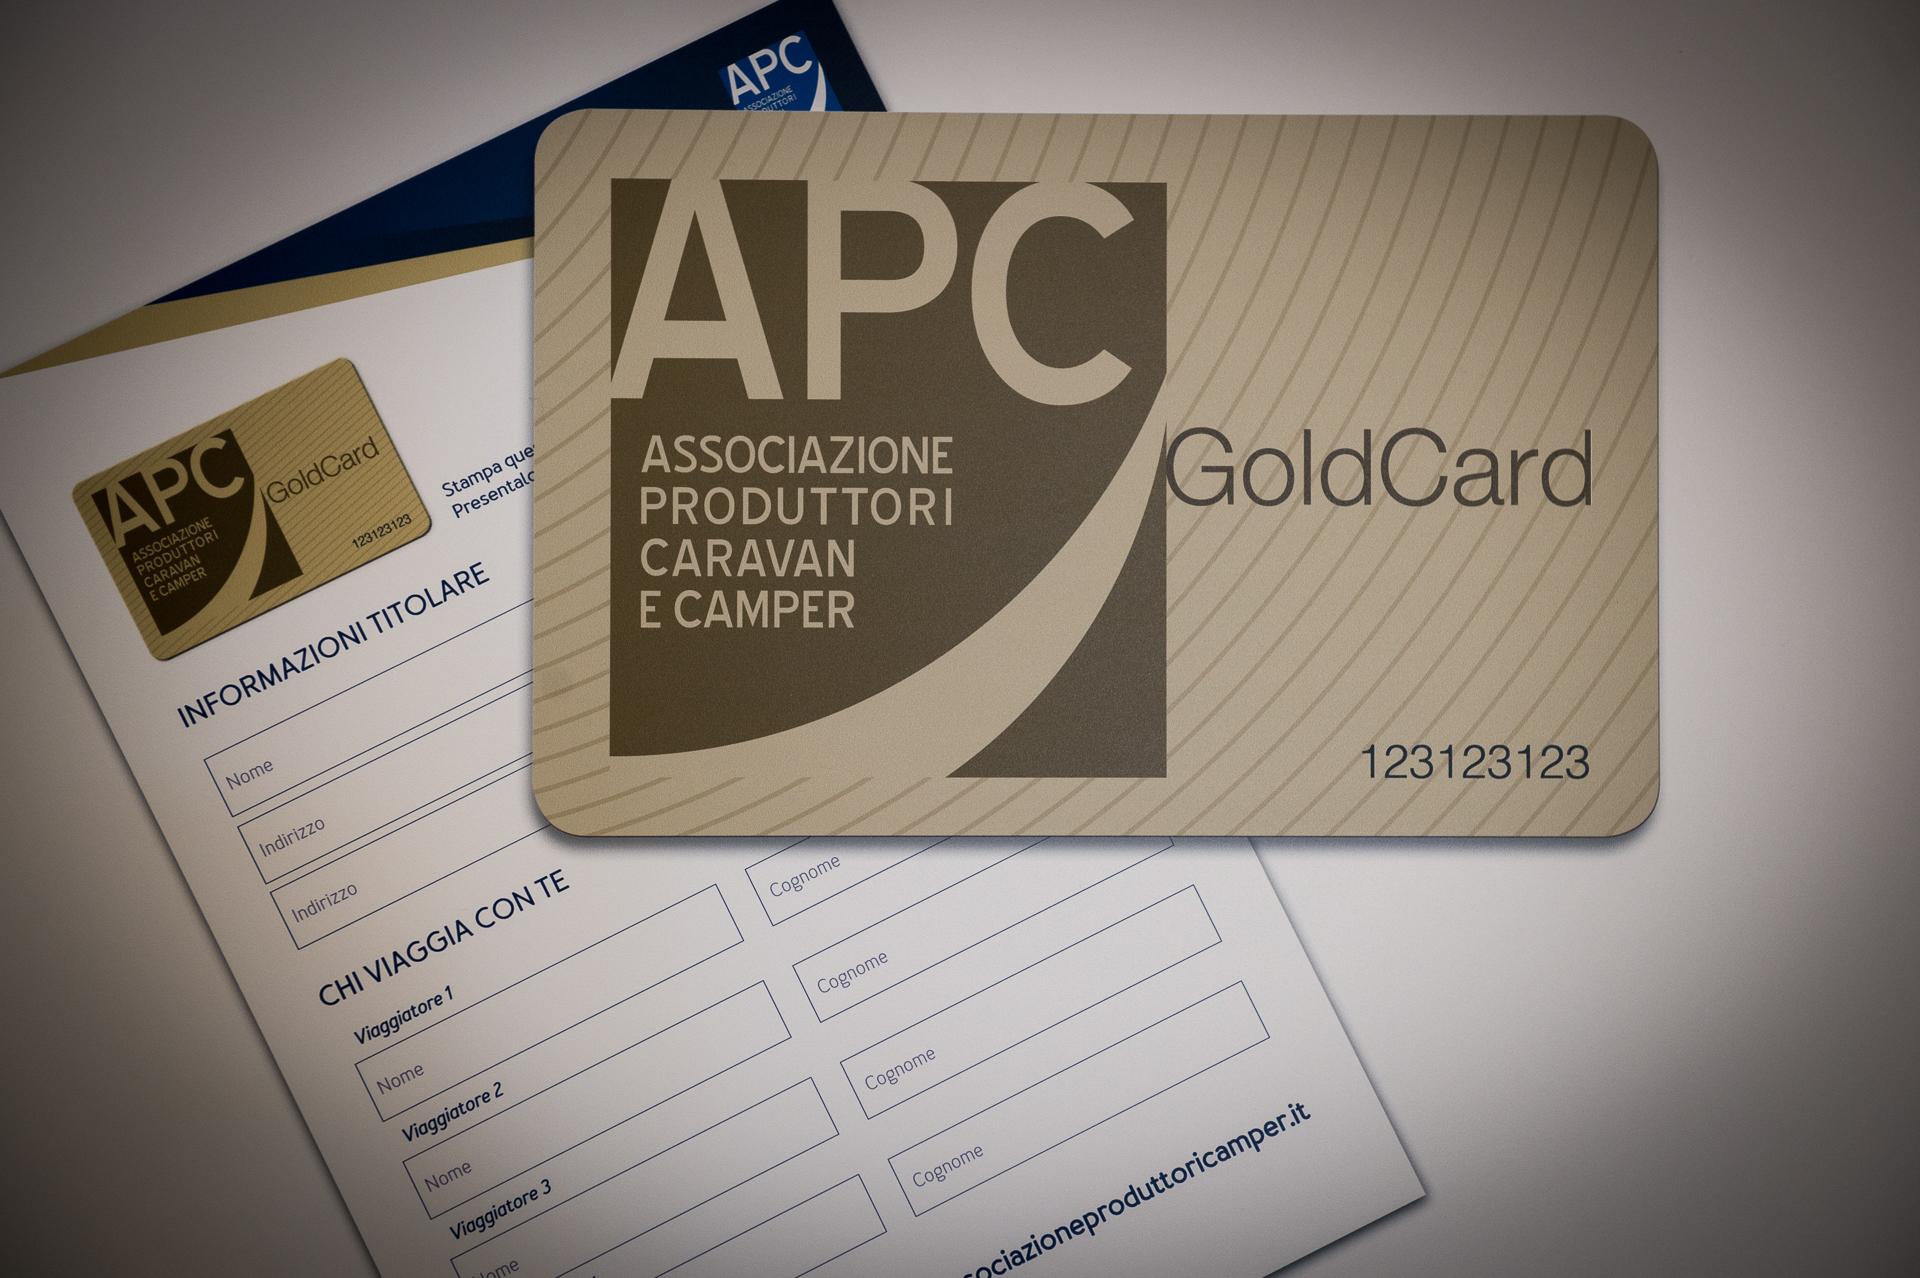 APC GOLD CARD